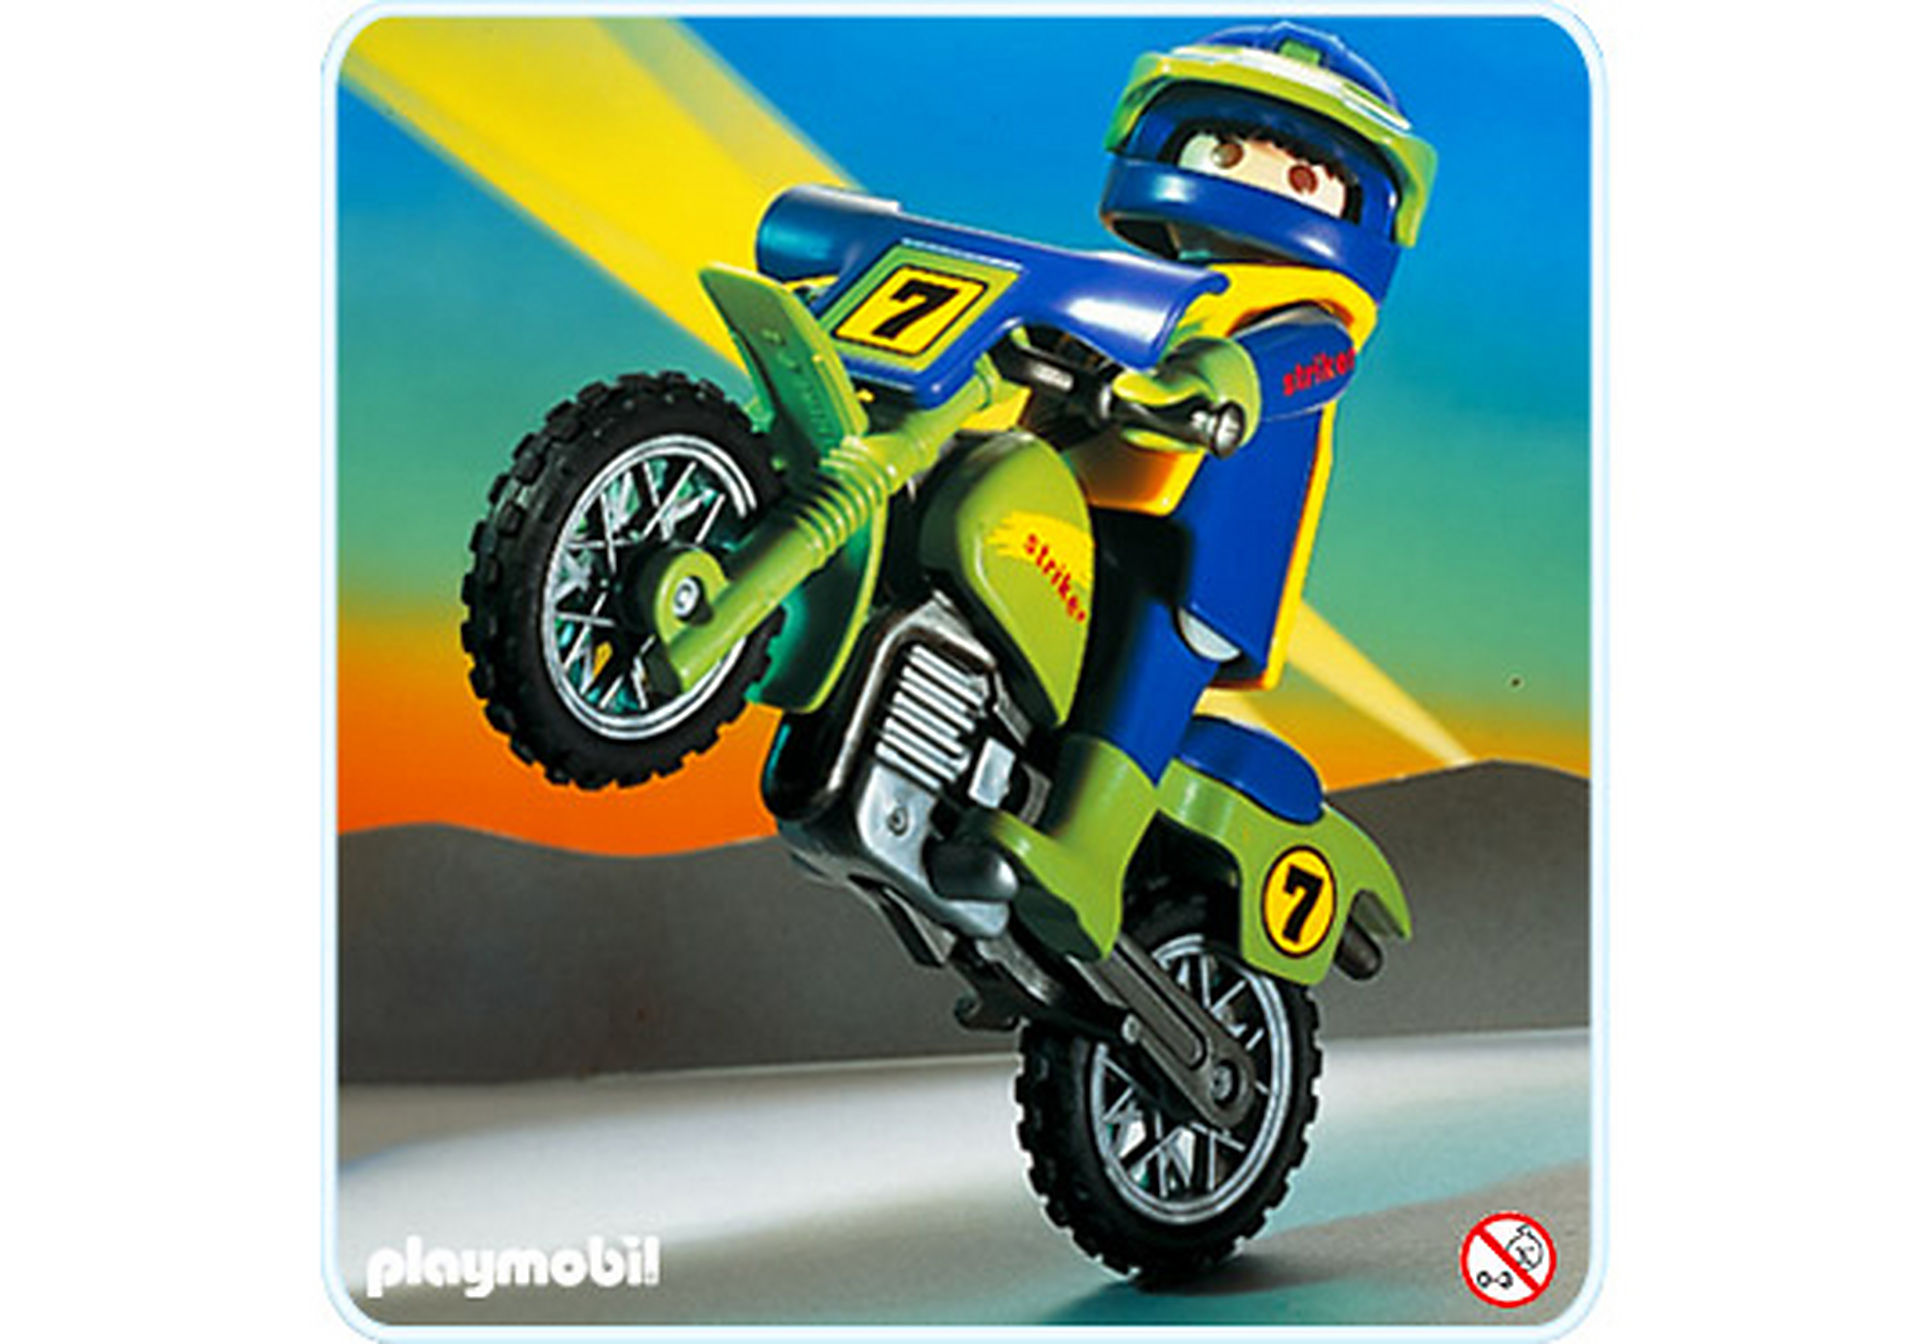 http://media.playmobil.com/i/playmobil/3698-A_product_detail/Geländemotorrad